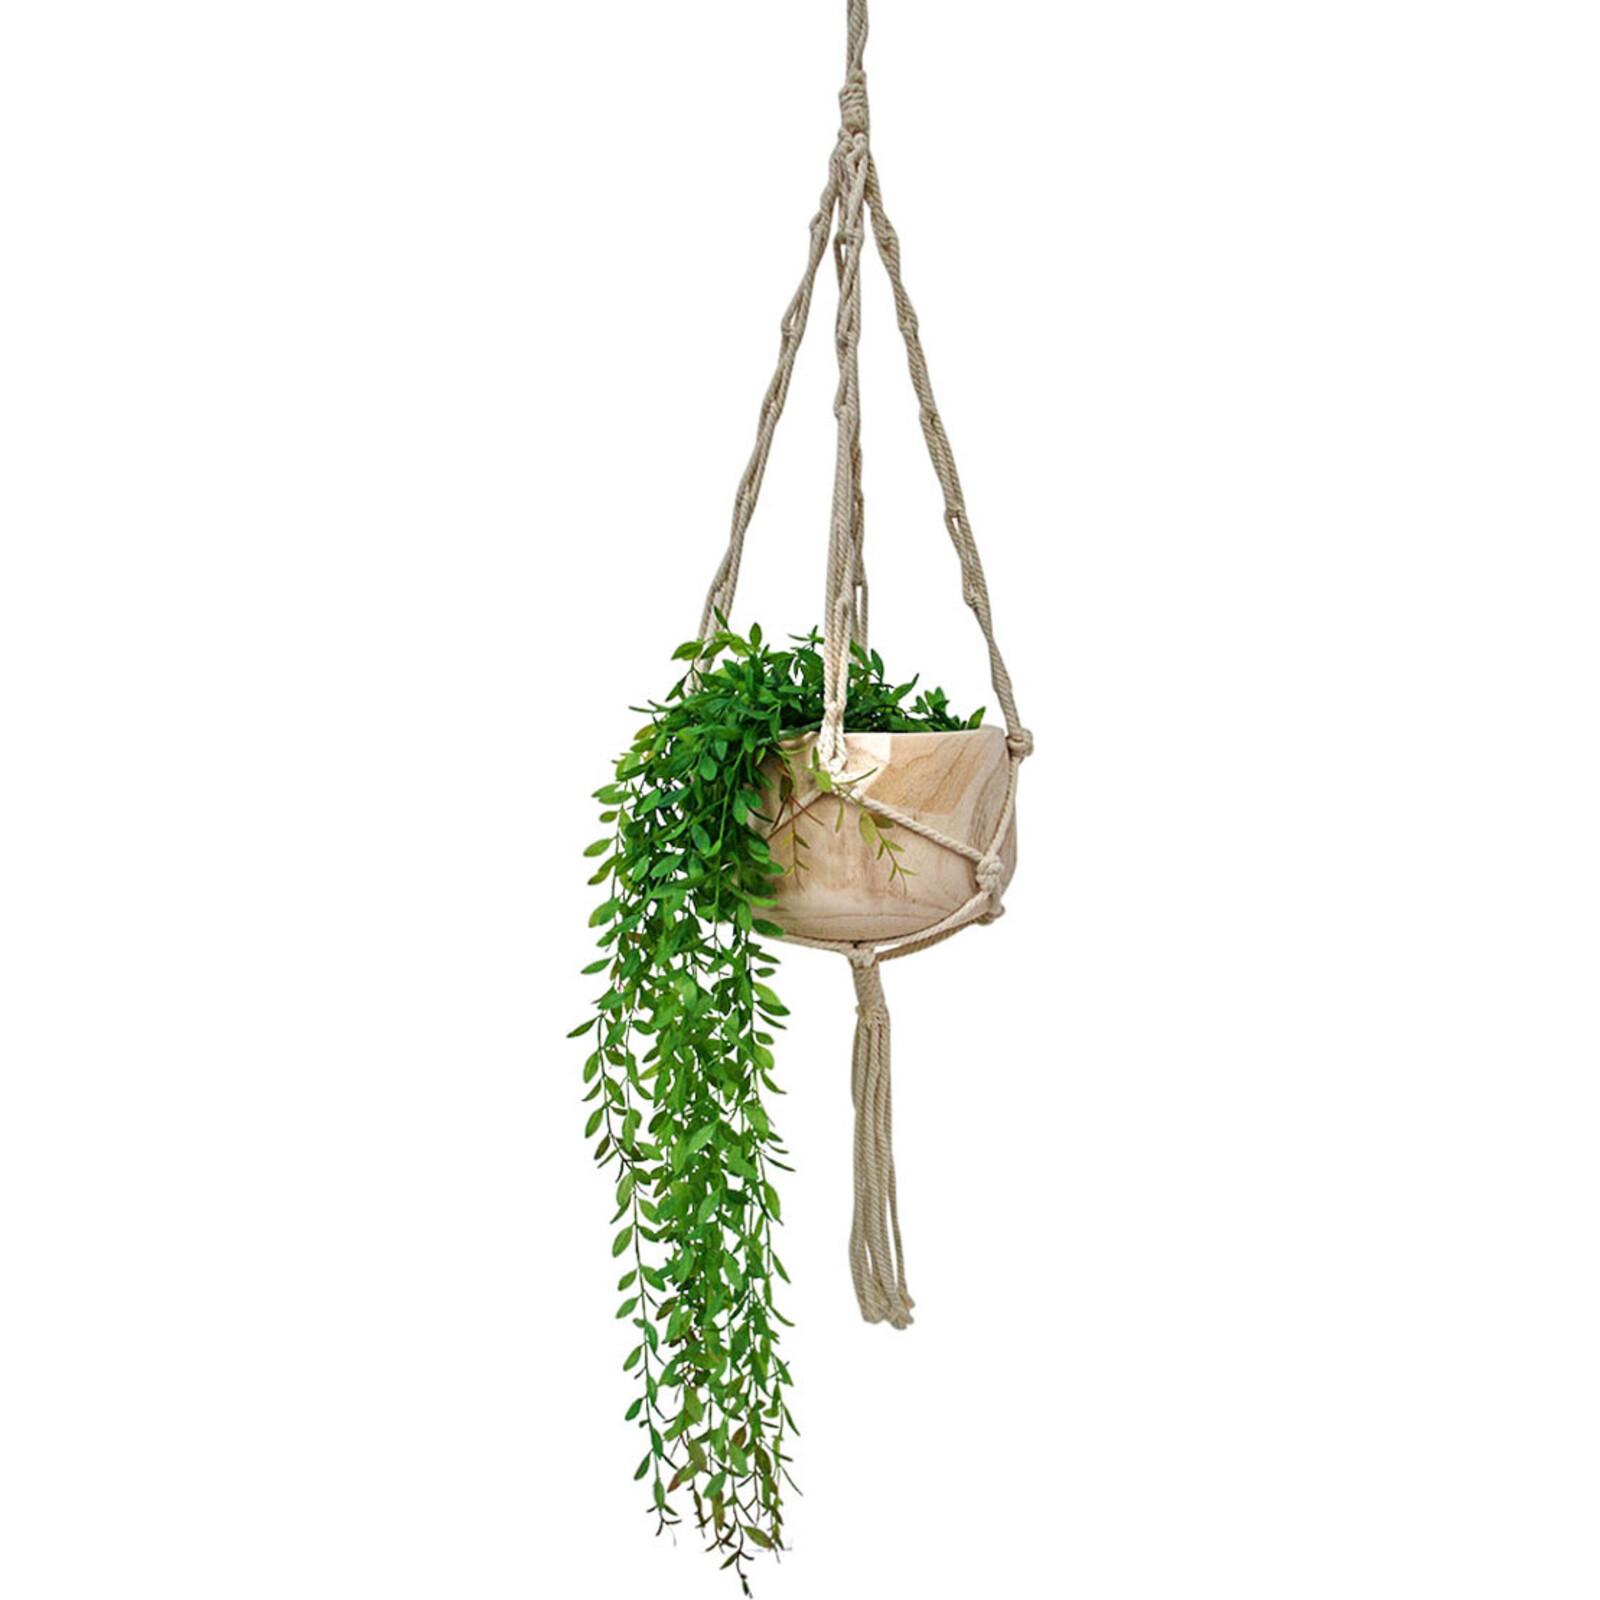 Hanging Macrame Bowl Twist